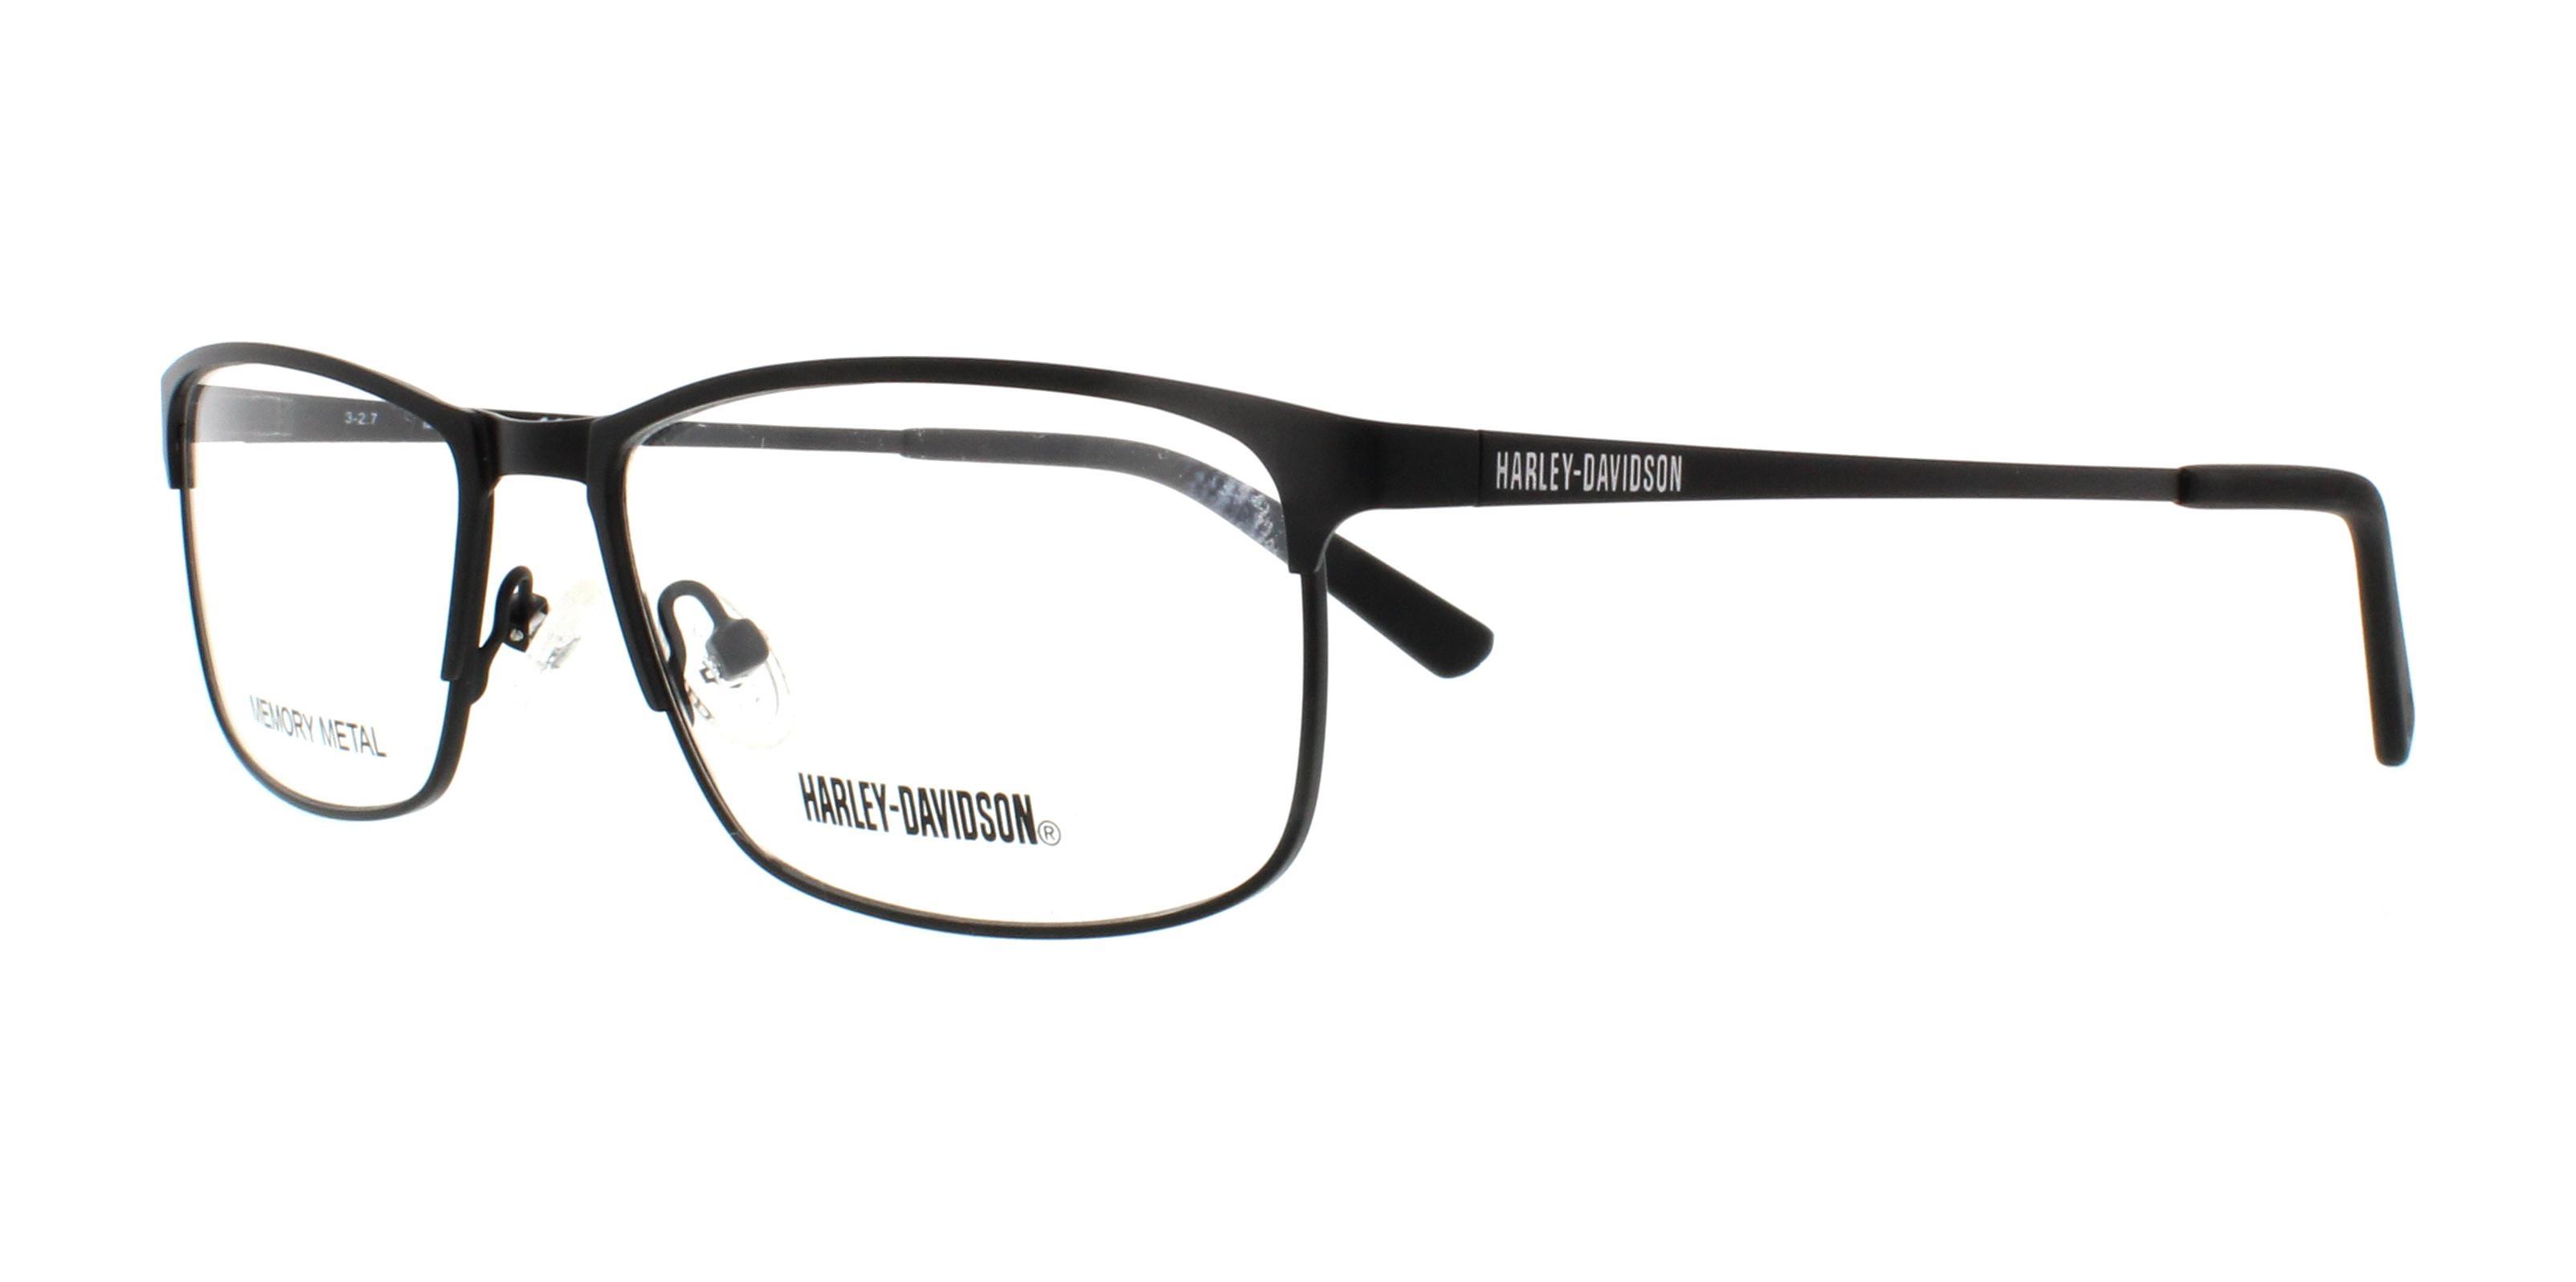 7c3110a731 HARLEY DAVIDSON Eyeglasses HD0772 002 Matte Black 58MM 664689965014 ...